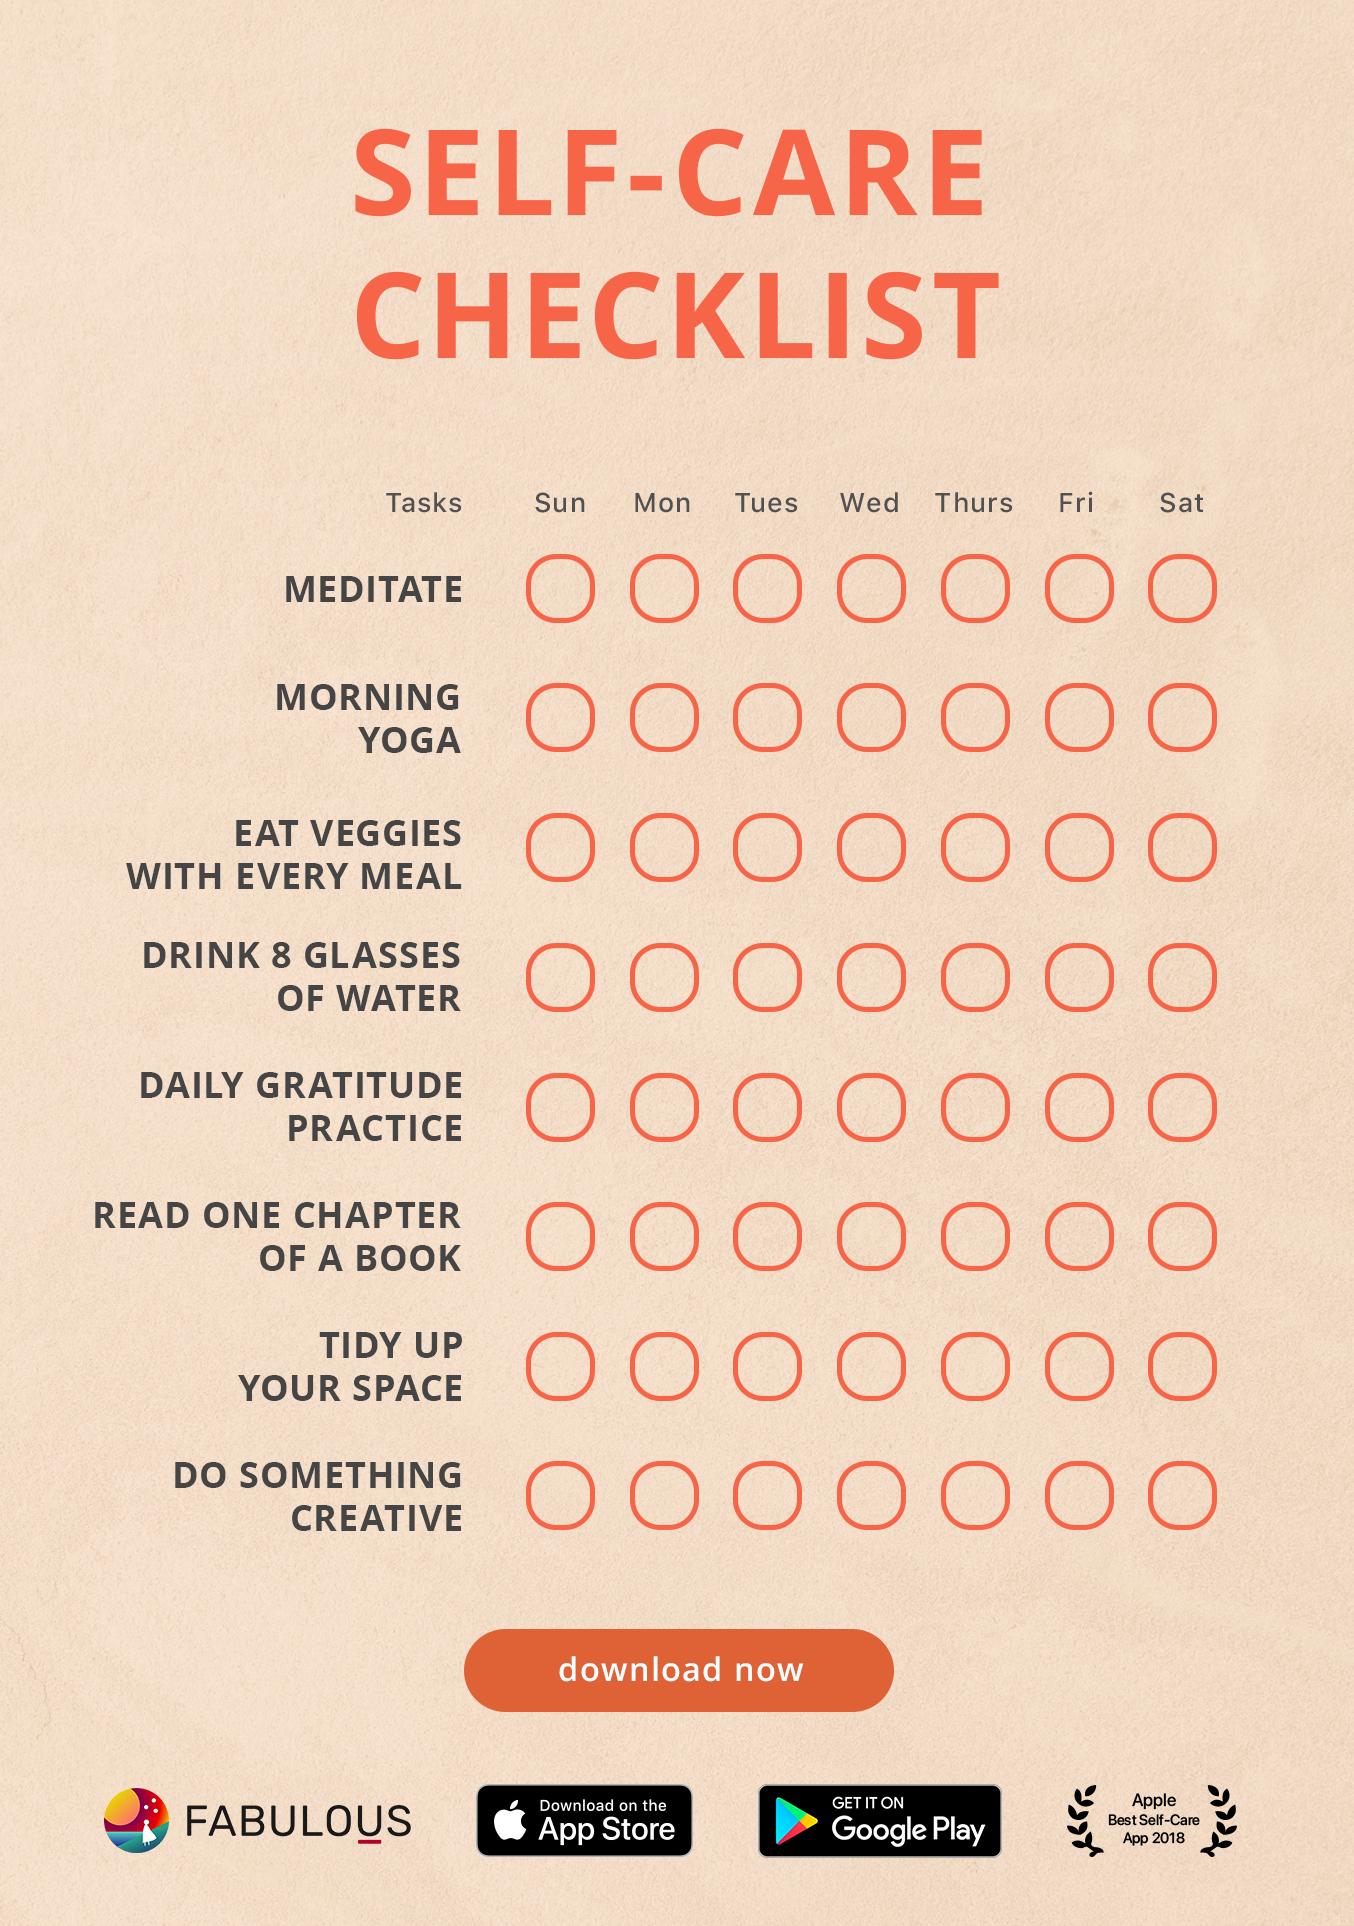 Self-Care Checklist!